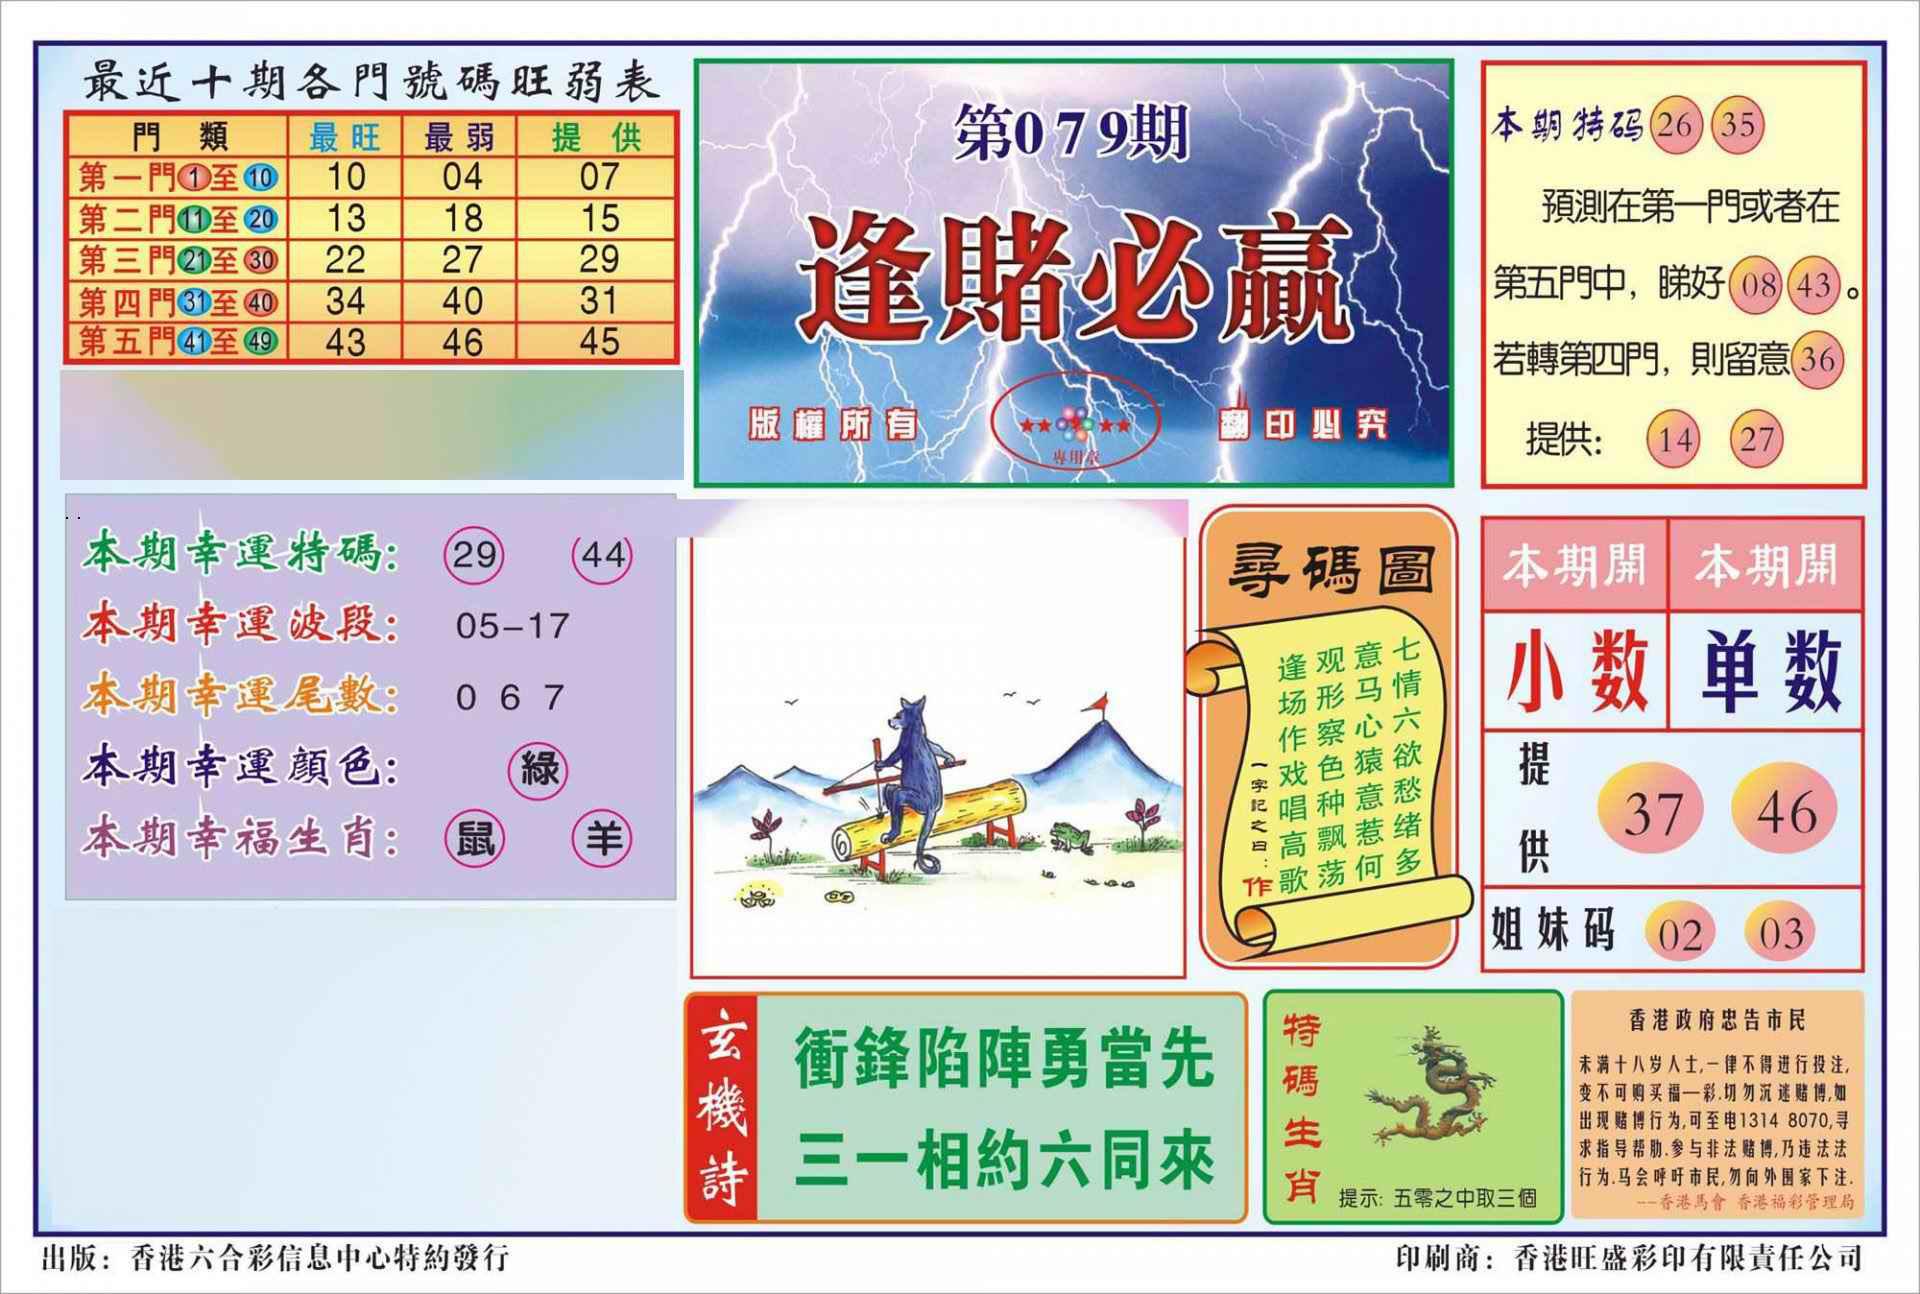 079期香港逢赌必羸(新图)